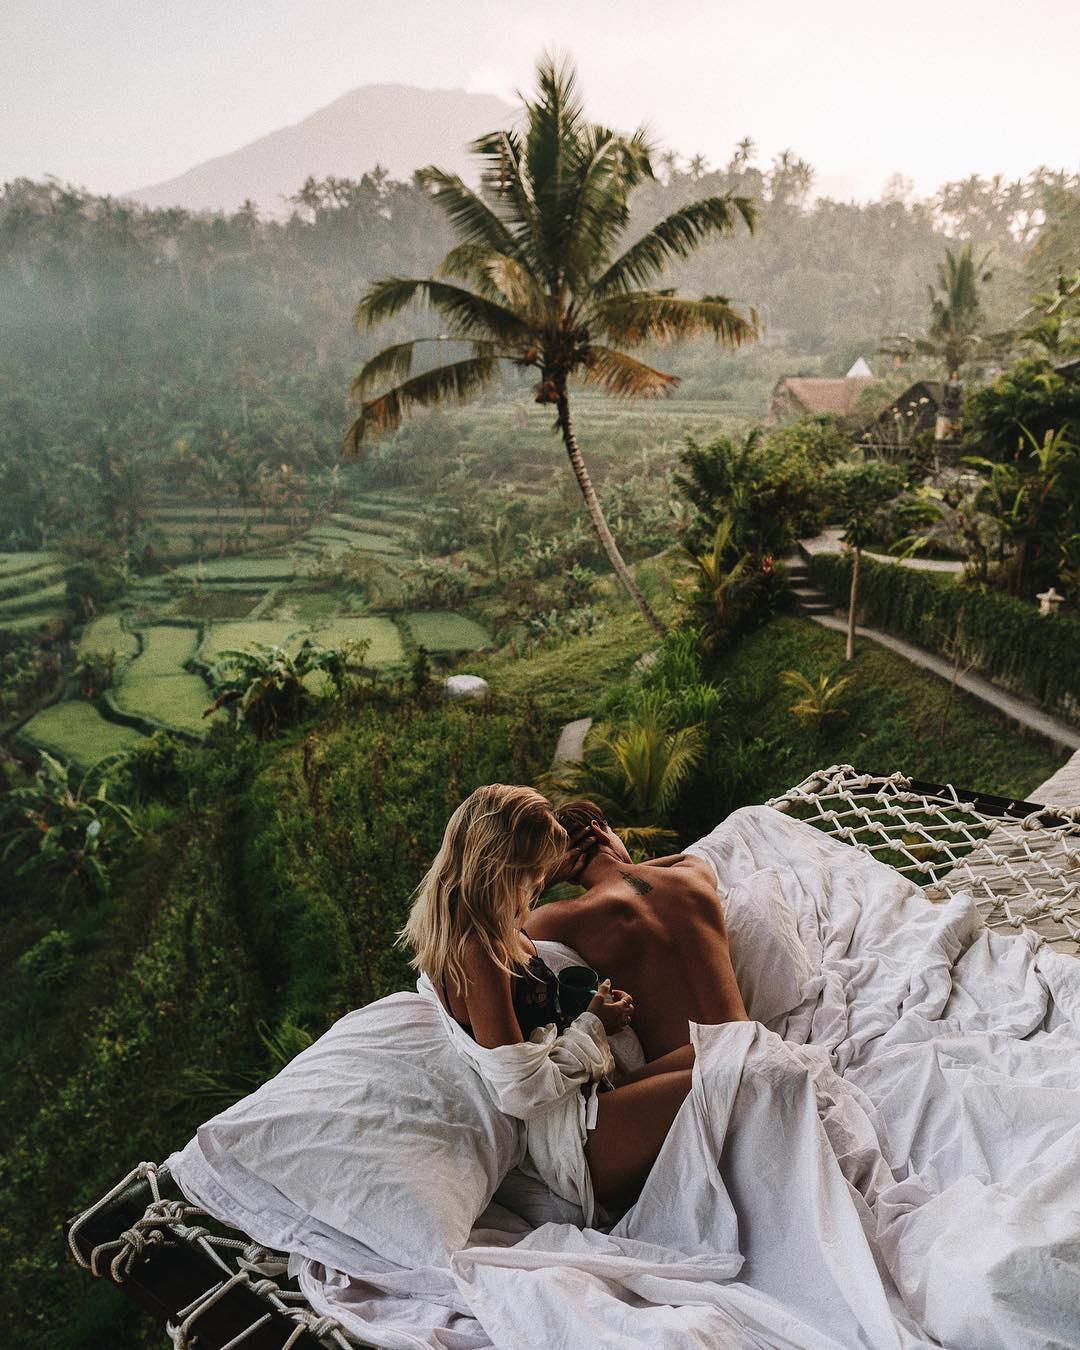 Пара делится своими замечательными снимками из путешествий в Instagram